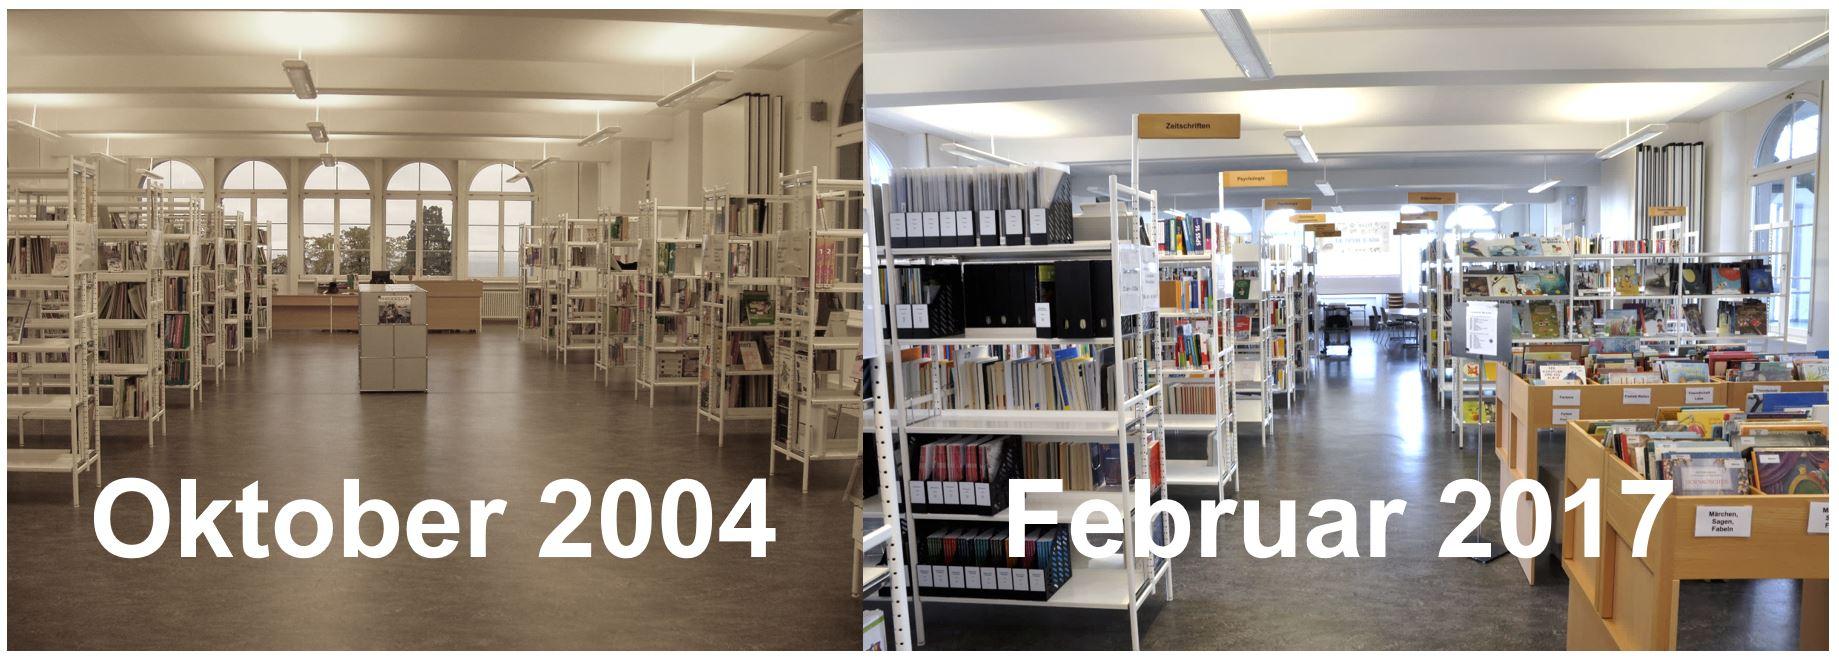 Mediathek Stella Maris 2004 und 2017